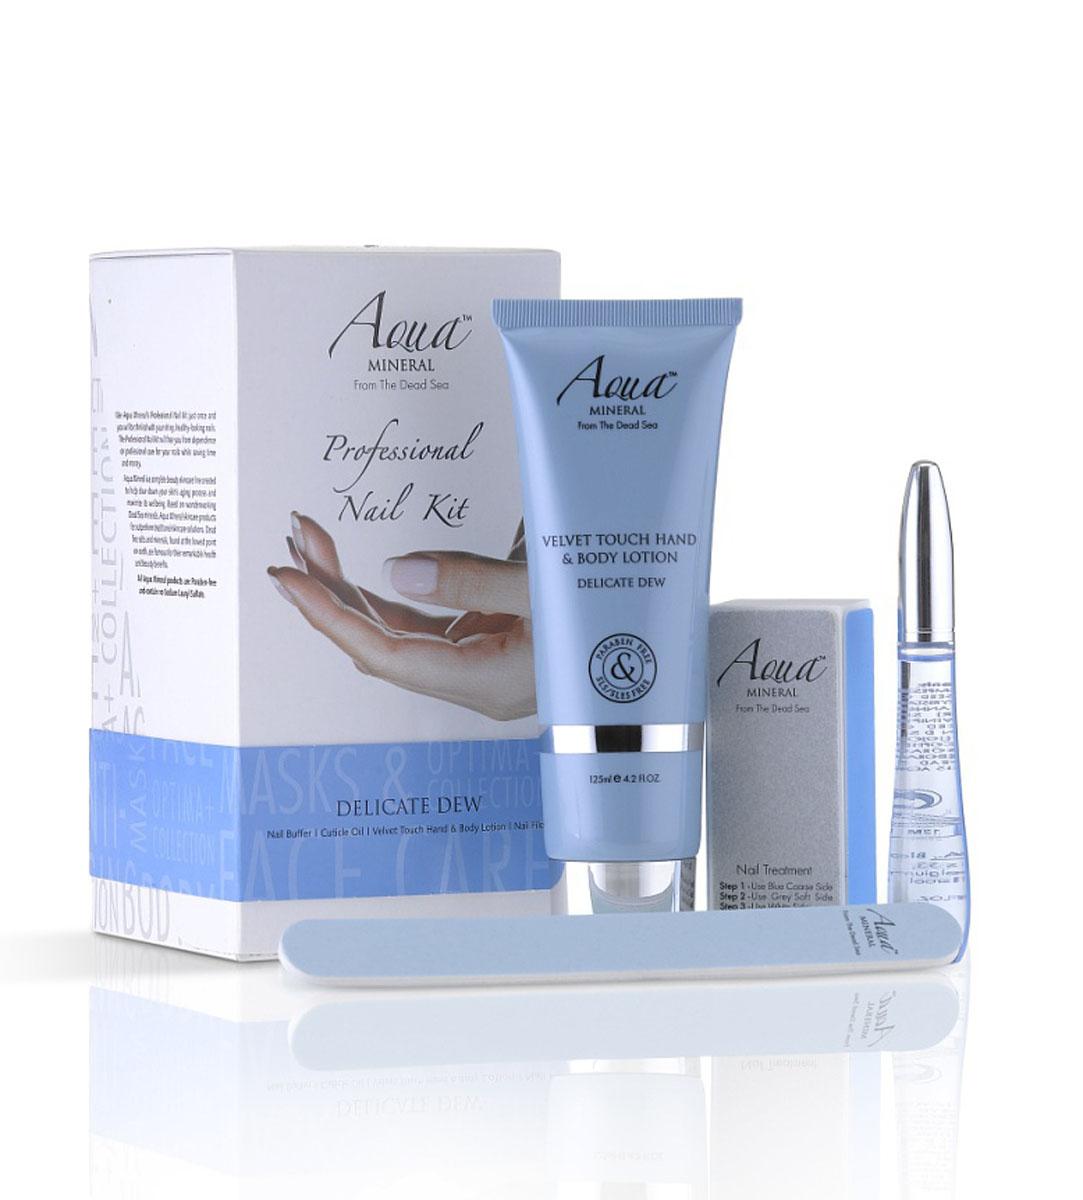 Aqua minerale косметика где купить купить элитную косметику оптом